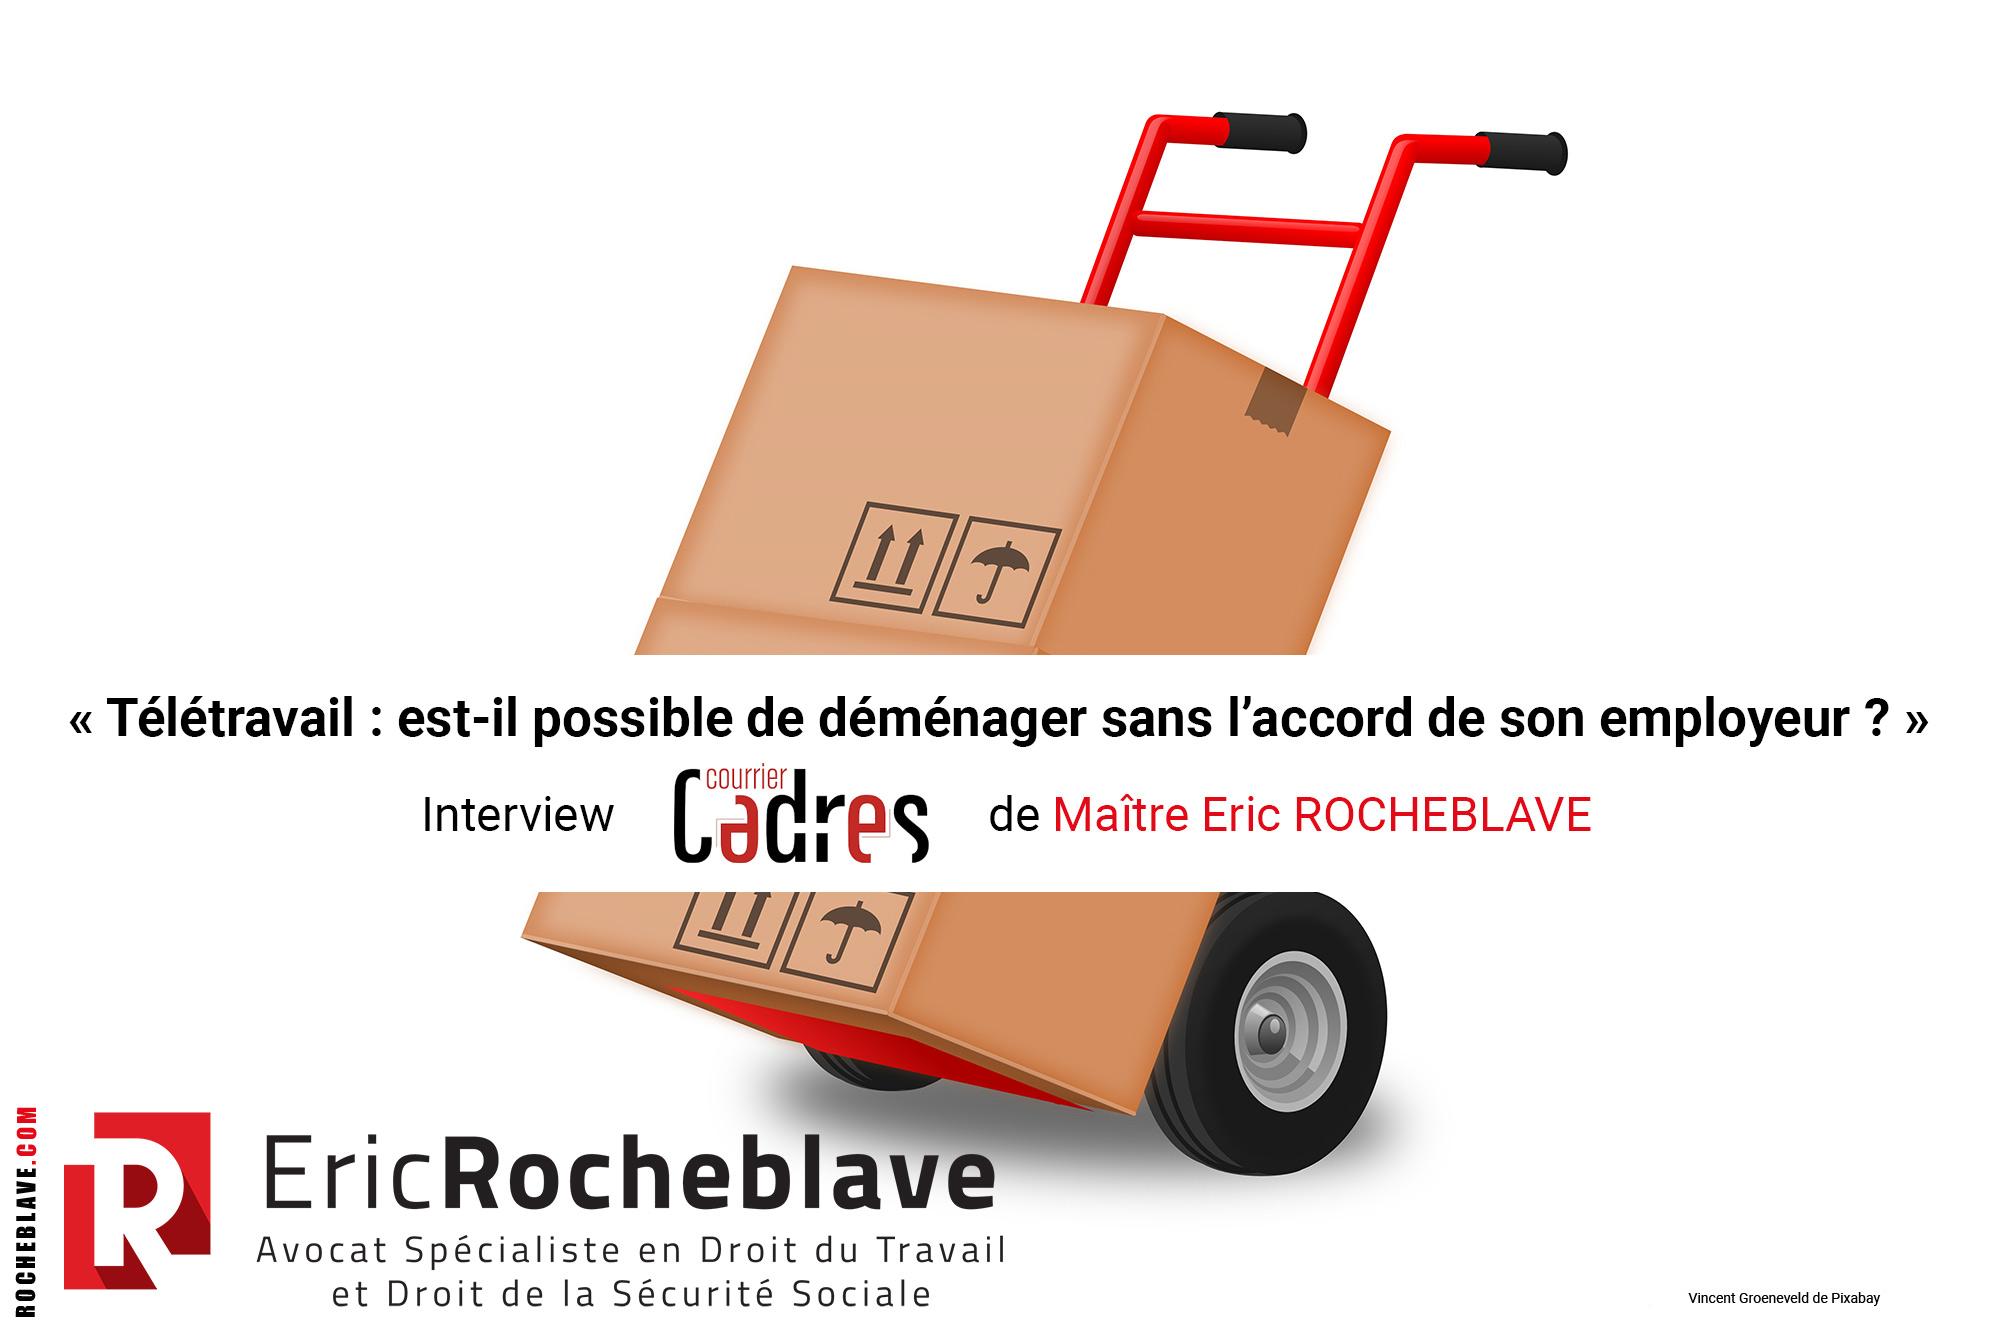 « Télétravail : est-il possible de déménager sans l'accord de son employeur ? » Interview Courrier Cadres de Maître Eric ROCHEBLAVE